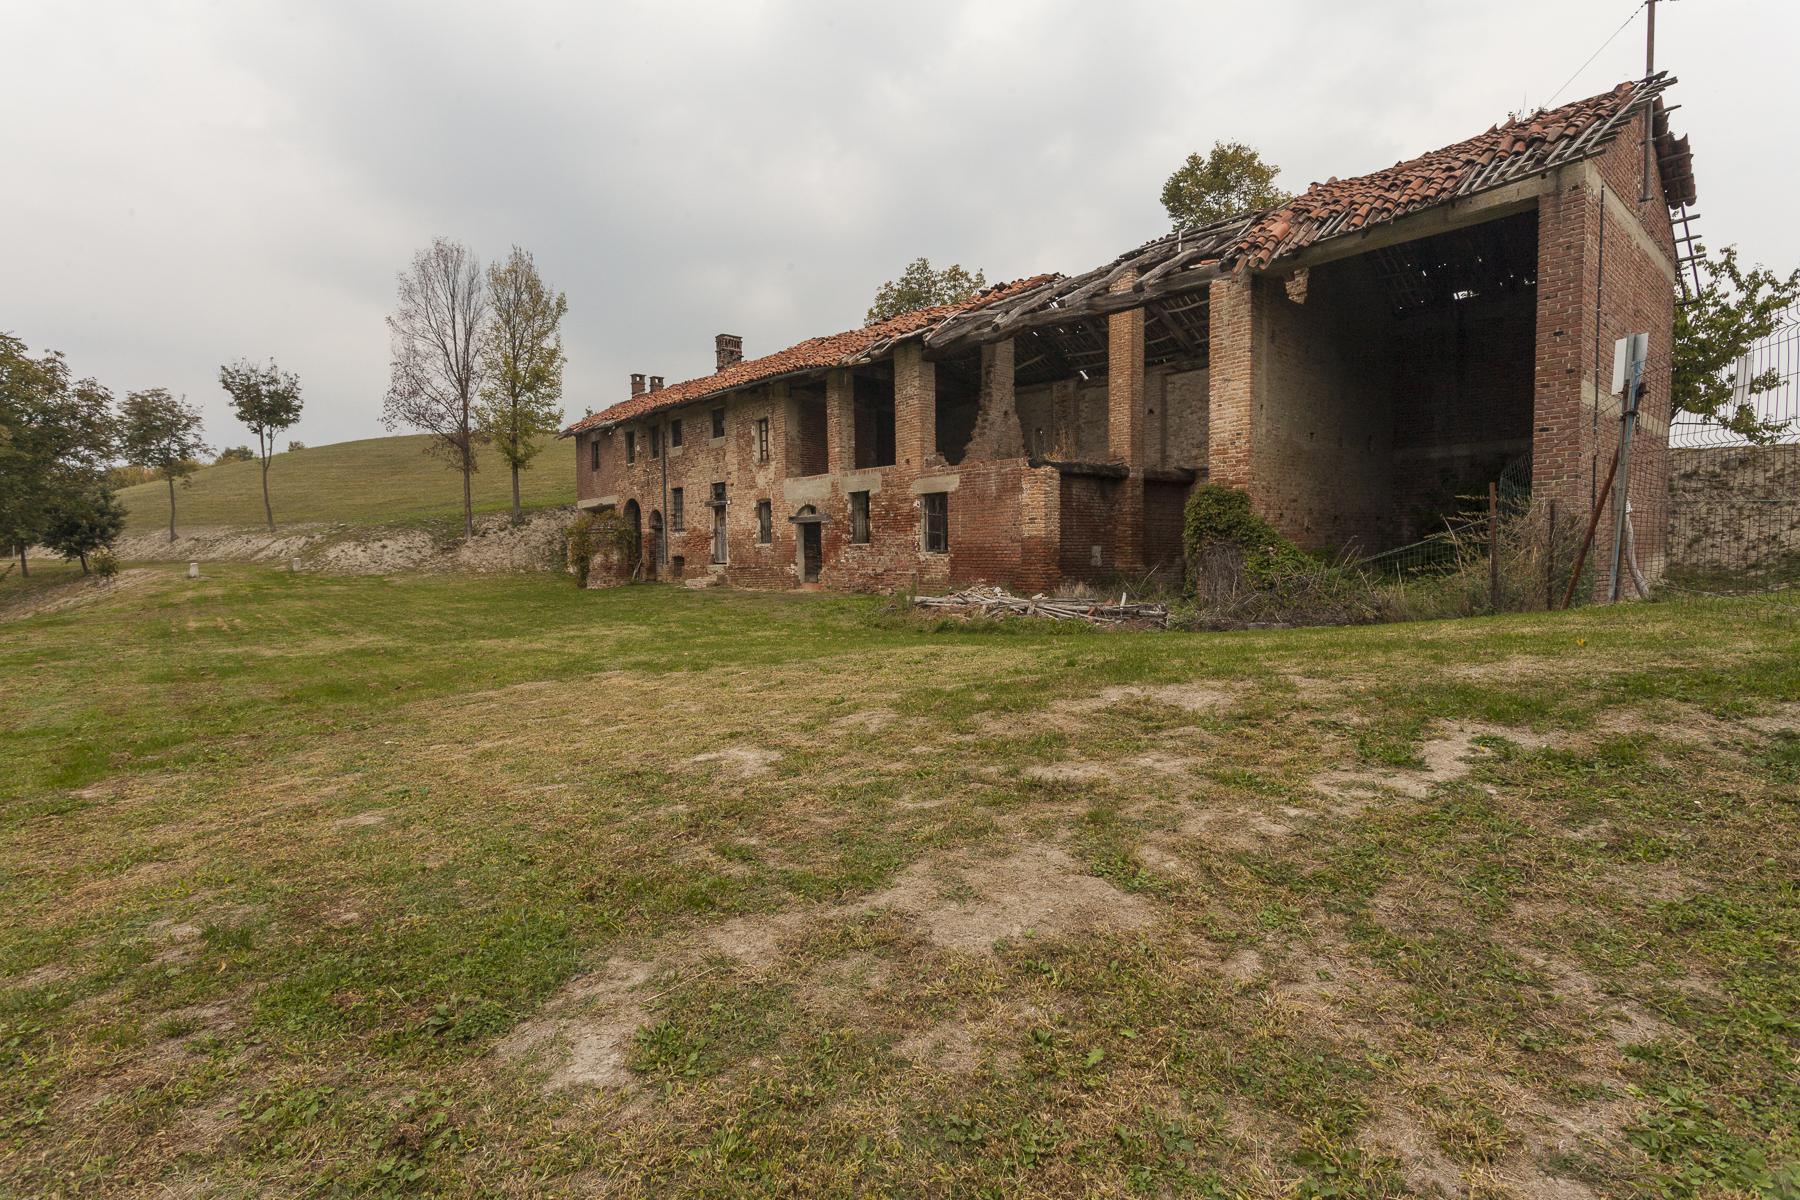 Rustico in Vendita a Sciolze: 5 locali, 500 mq - Foto 5